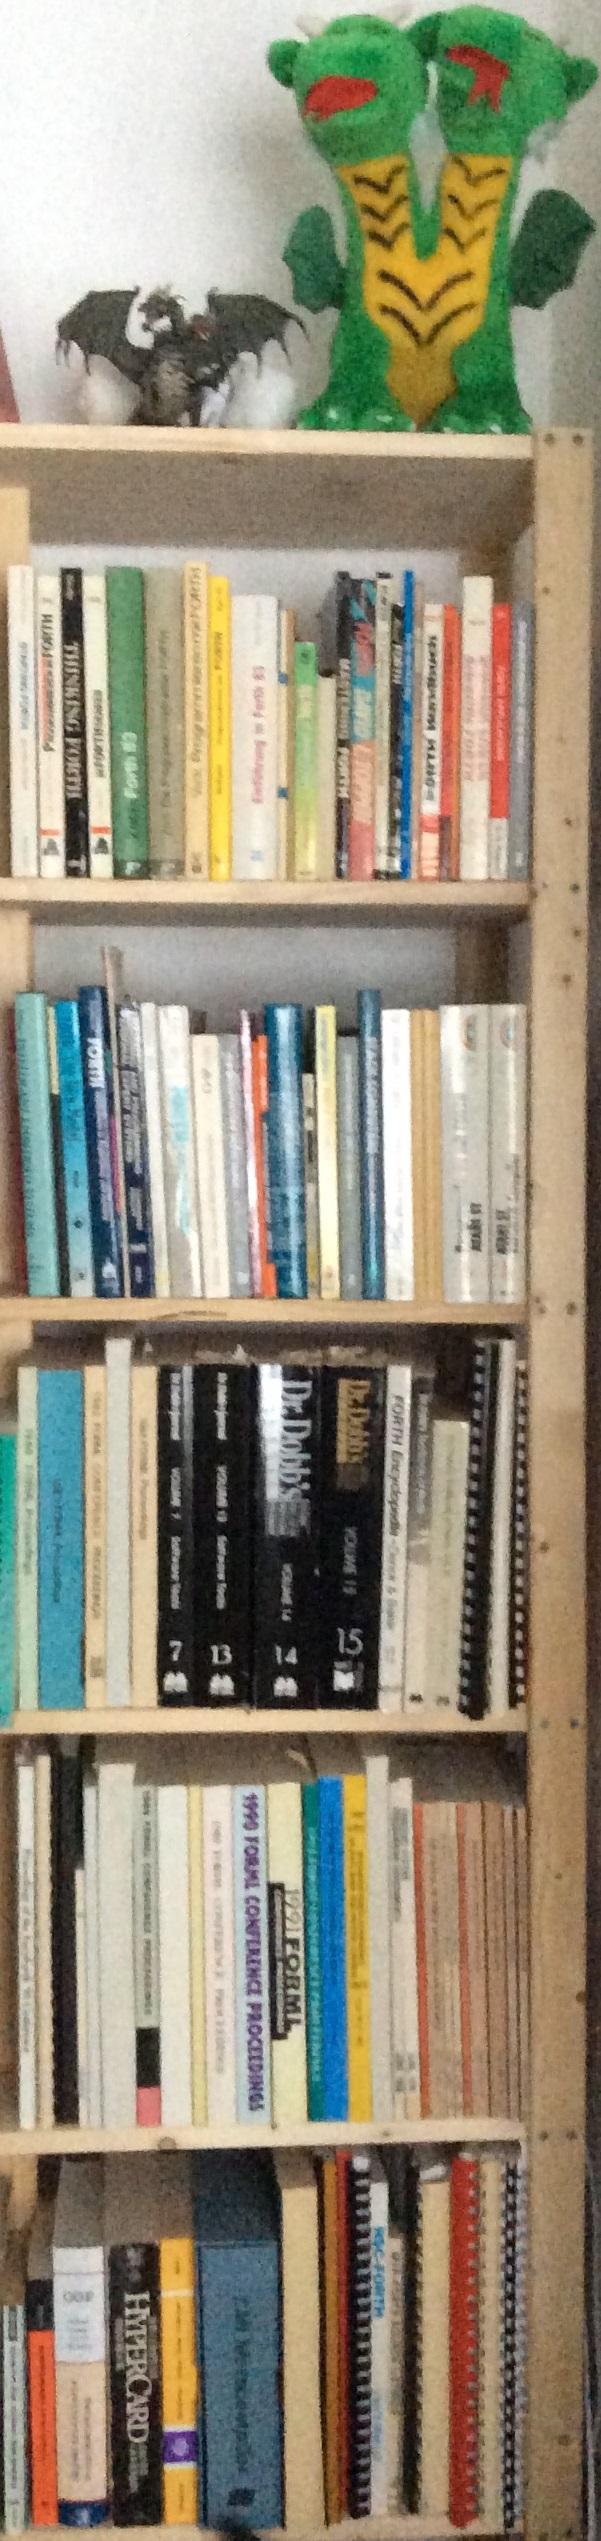 various:kks-forth_bibliotheke.jpg